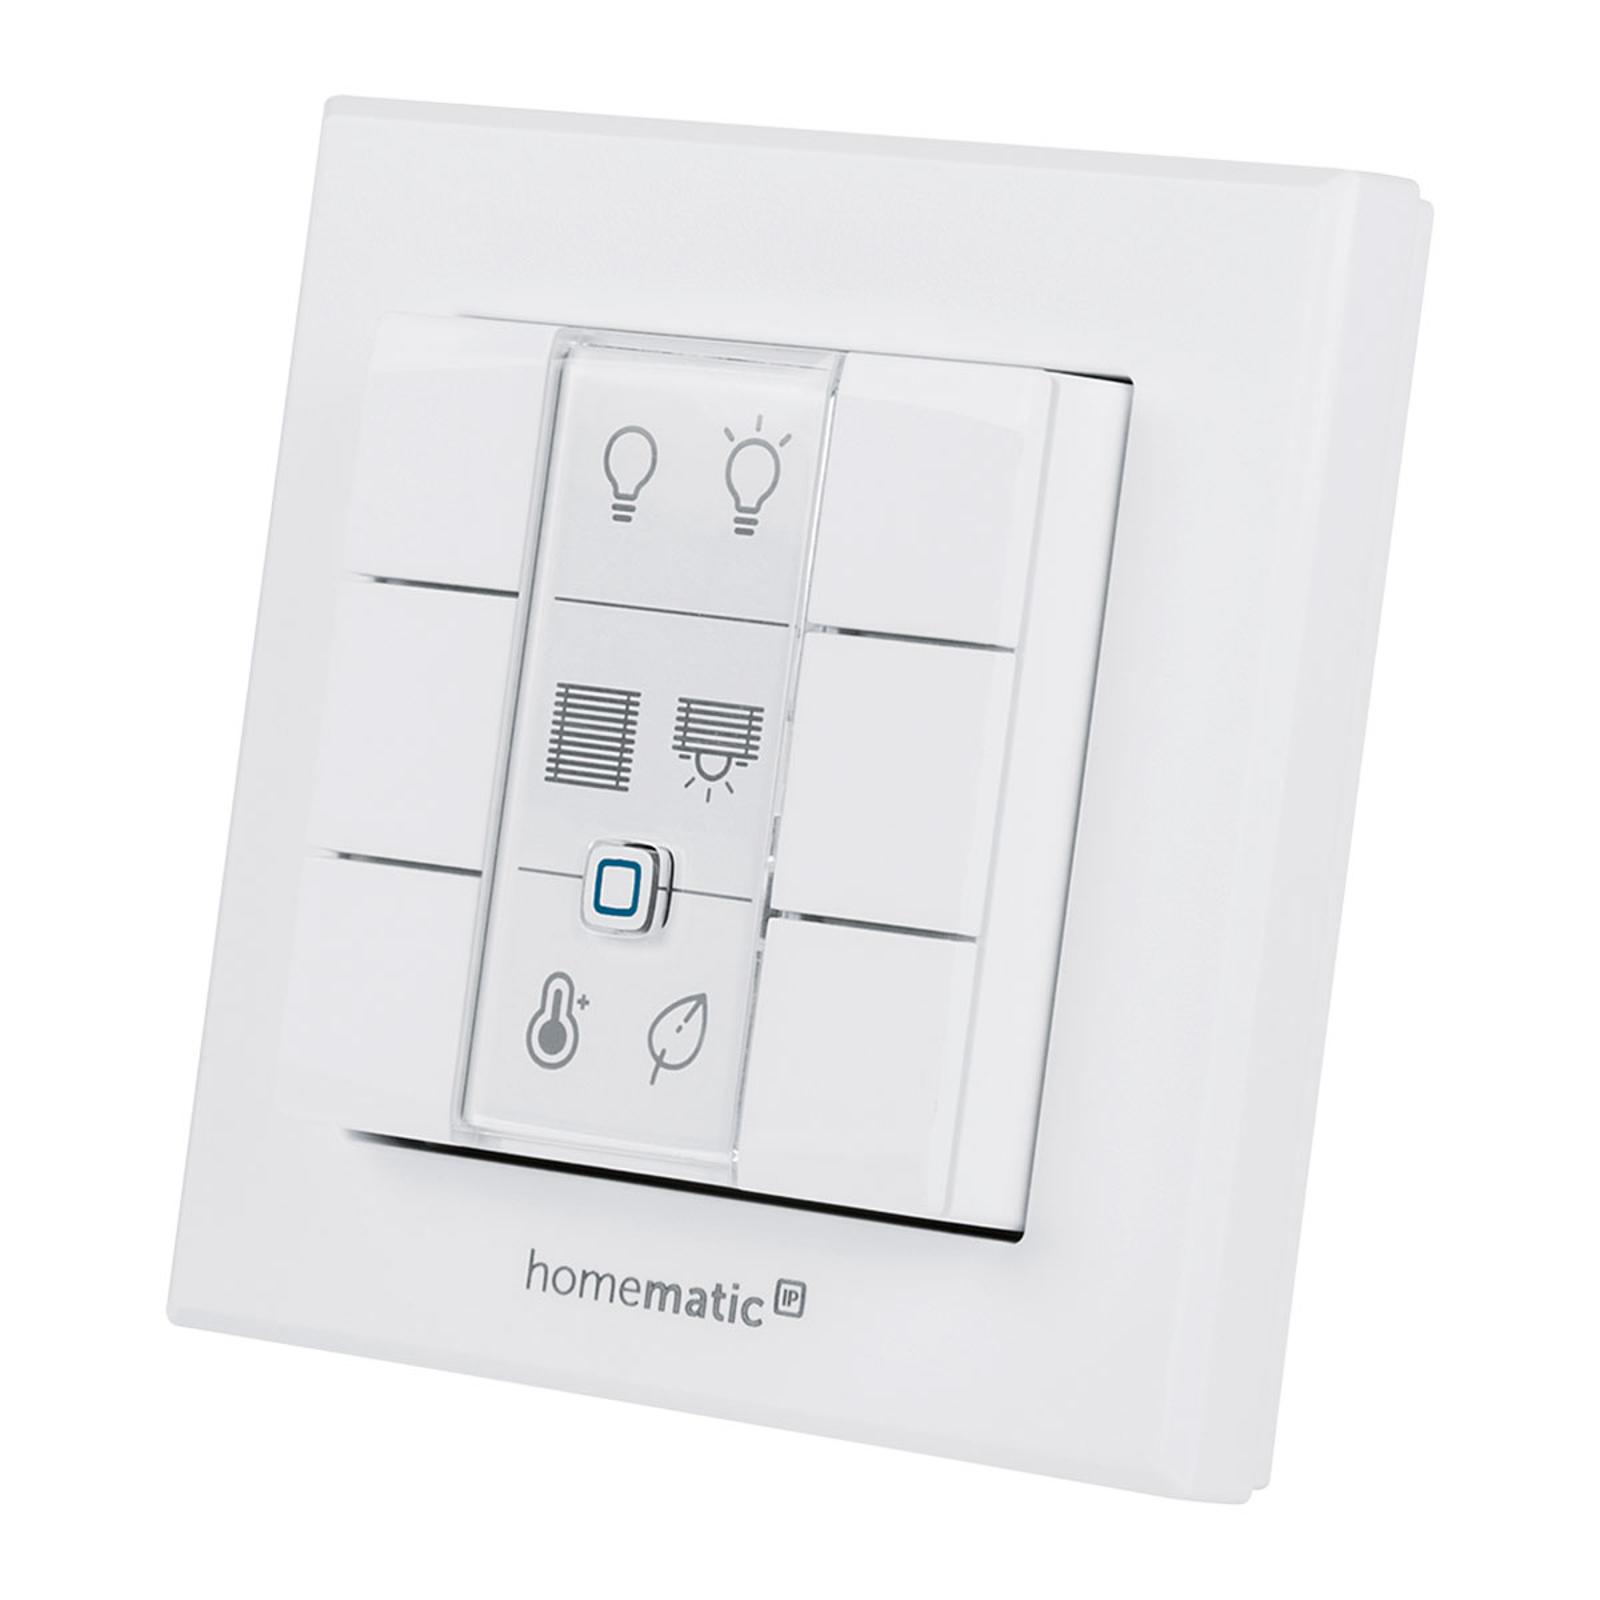 Homematic IP przycisk ścienny, 6-krotny